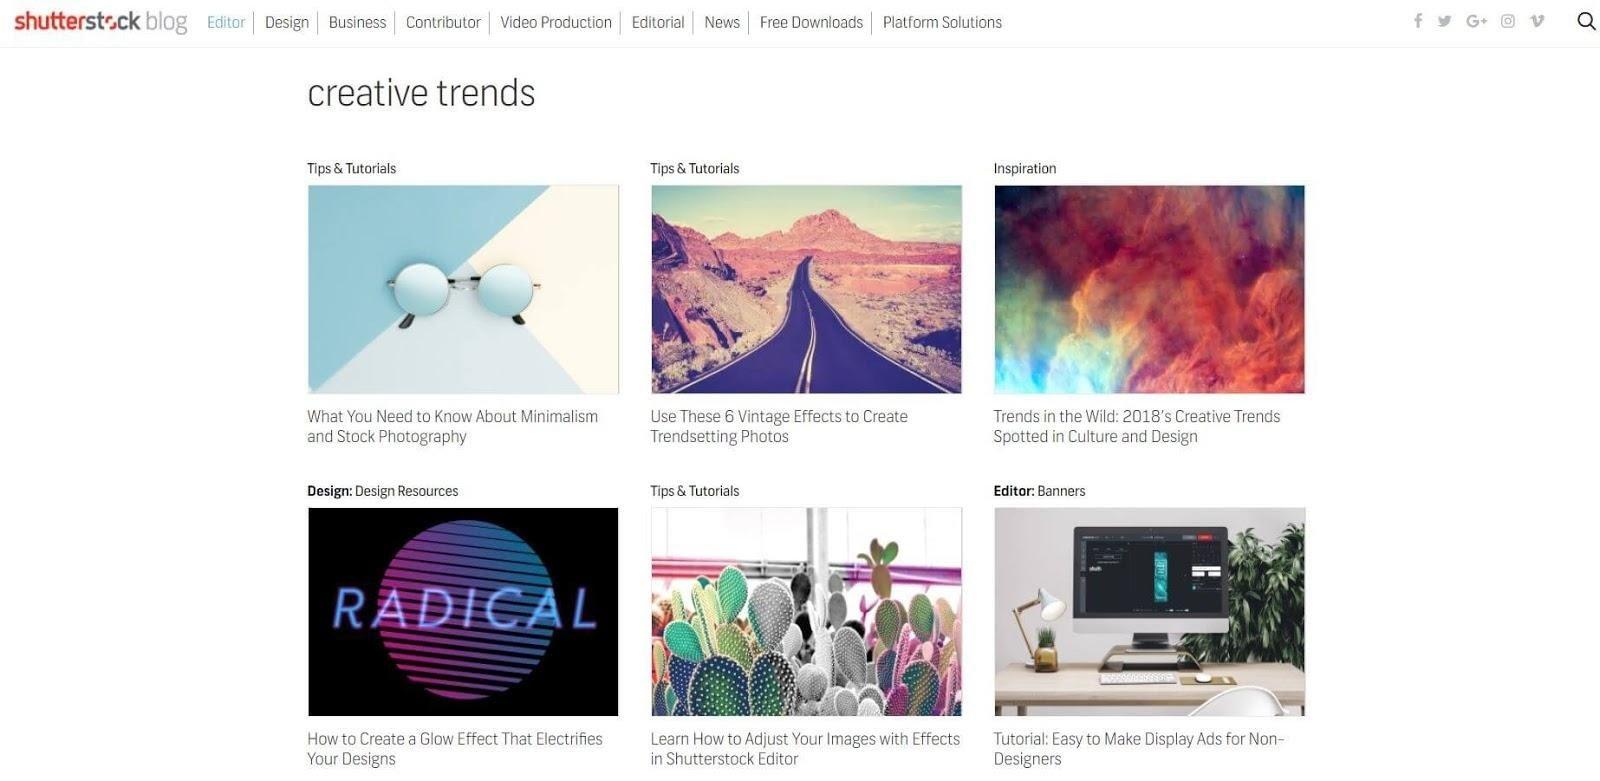 Shutterstock genres